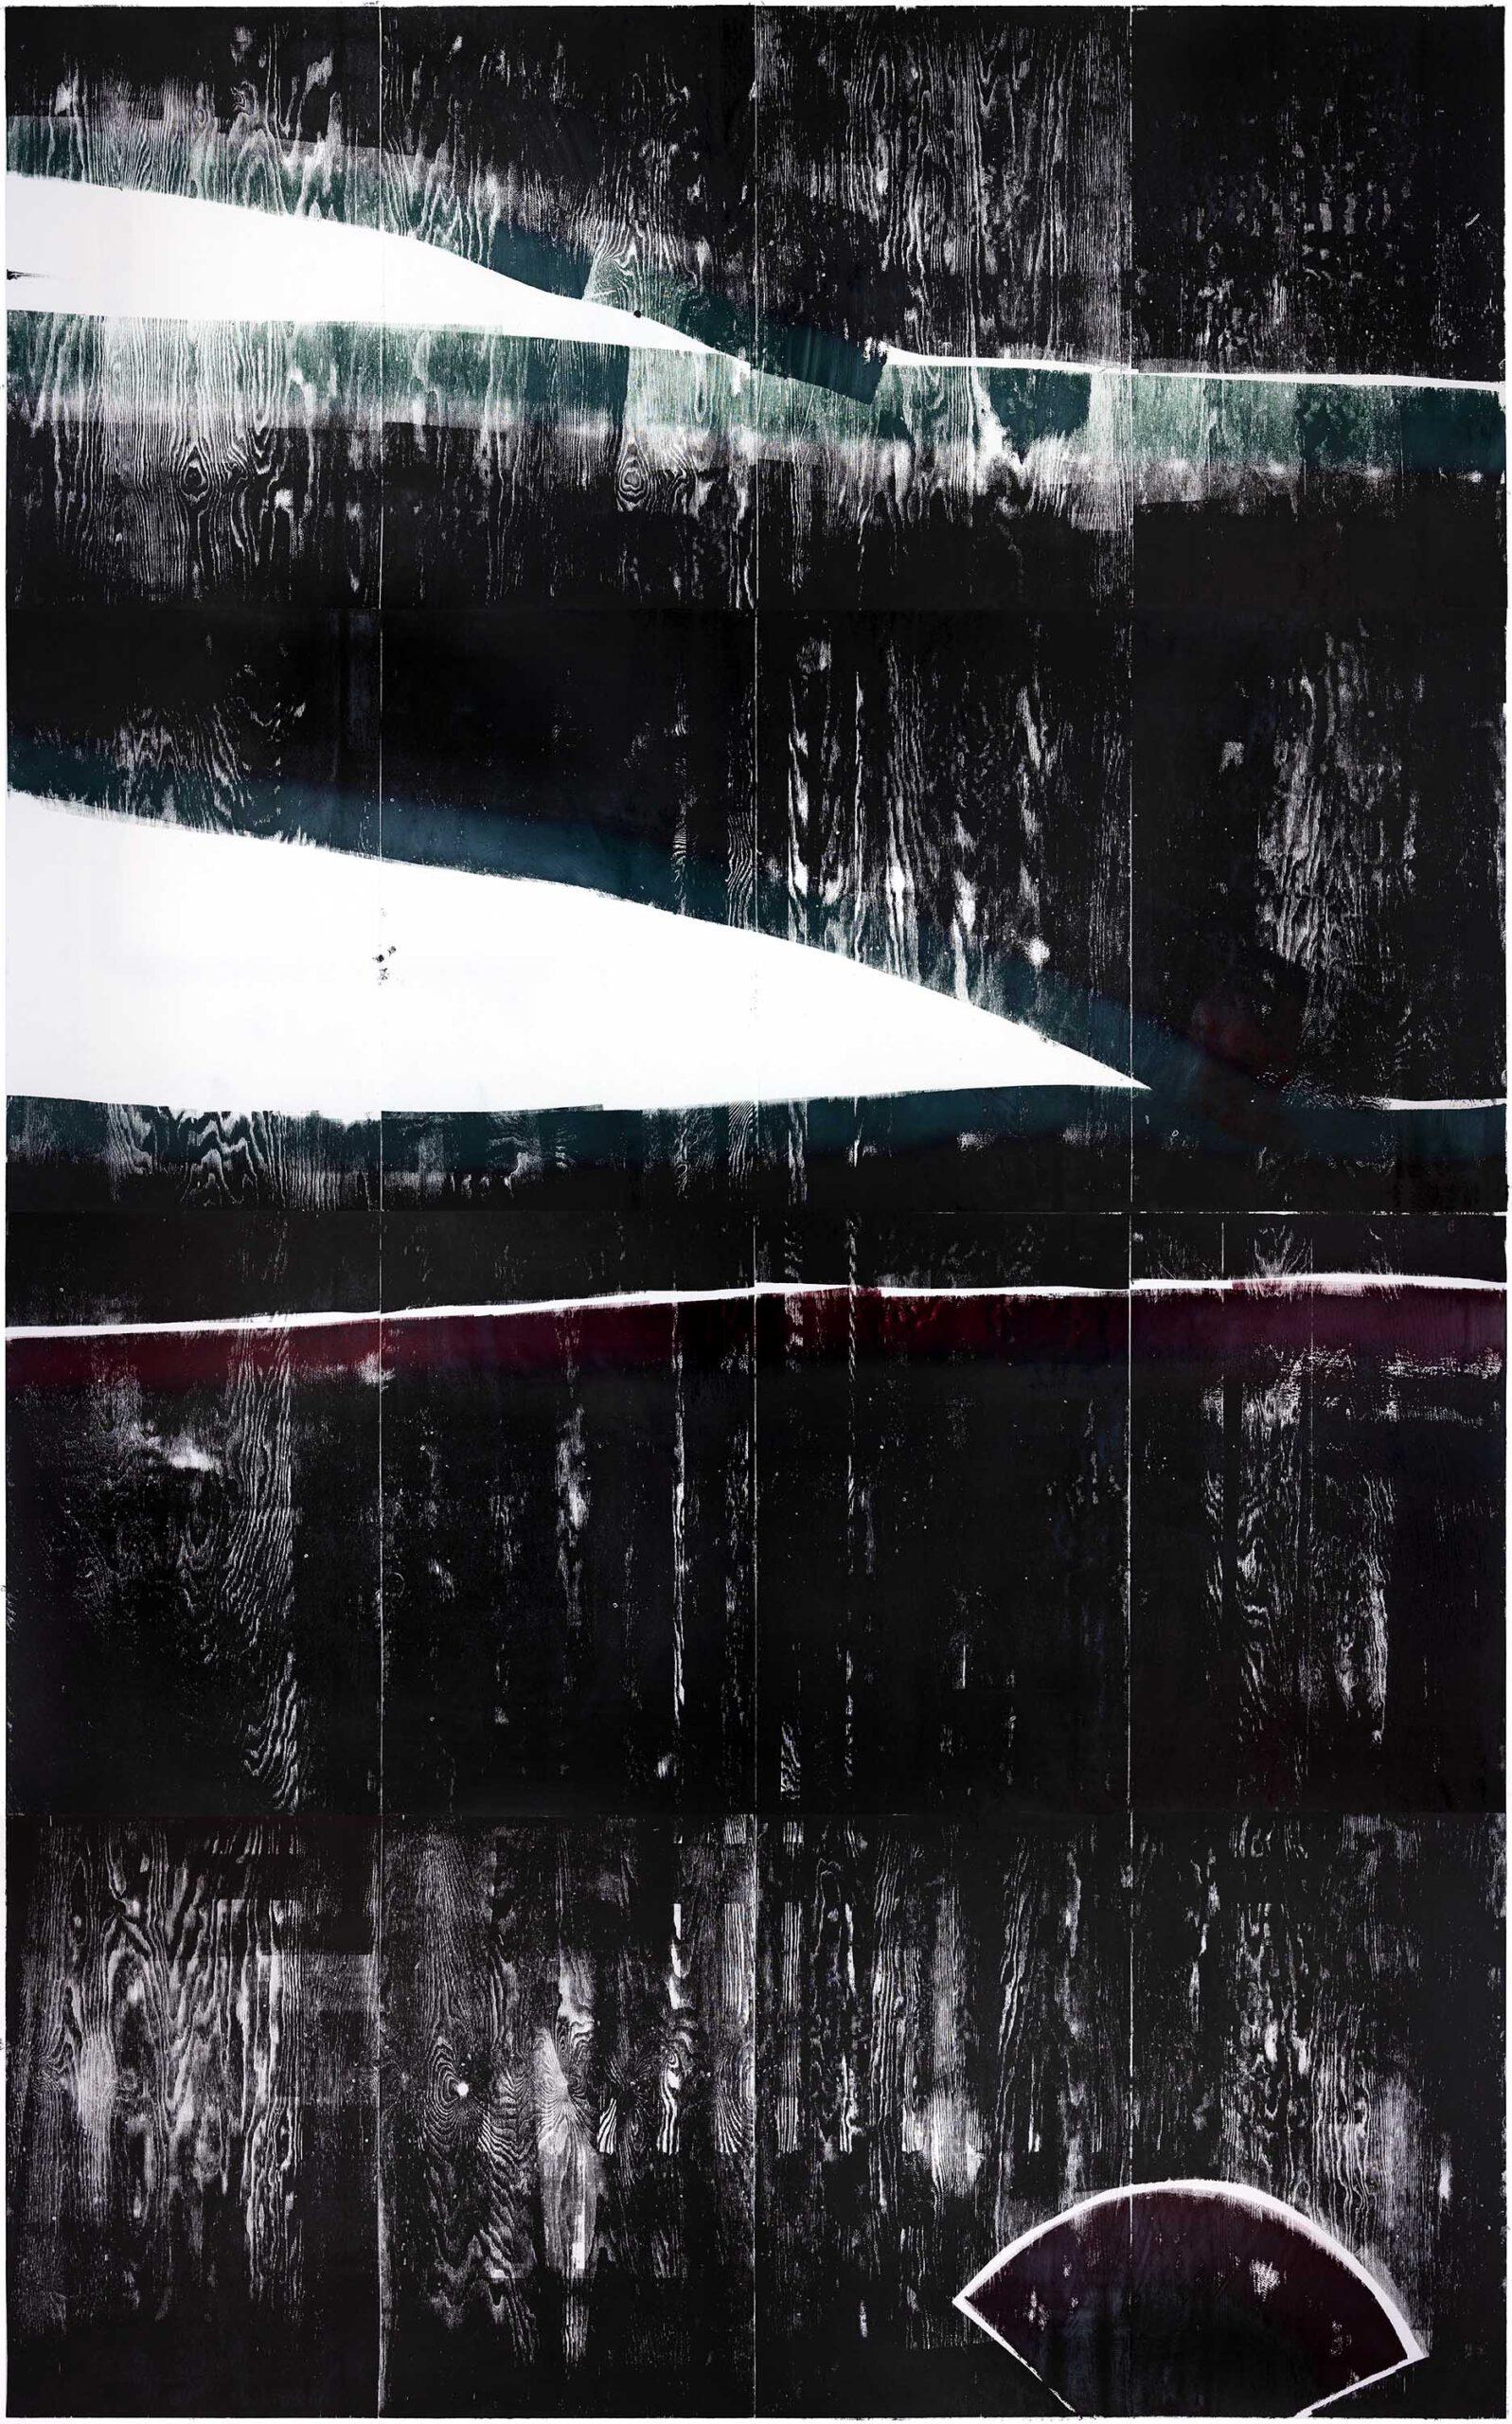 Eintretende Aussparung der Zeit 1, 2020, wood engraving, 405,5 x 260,2 cm, Genaro Strobel